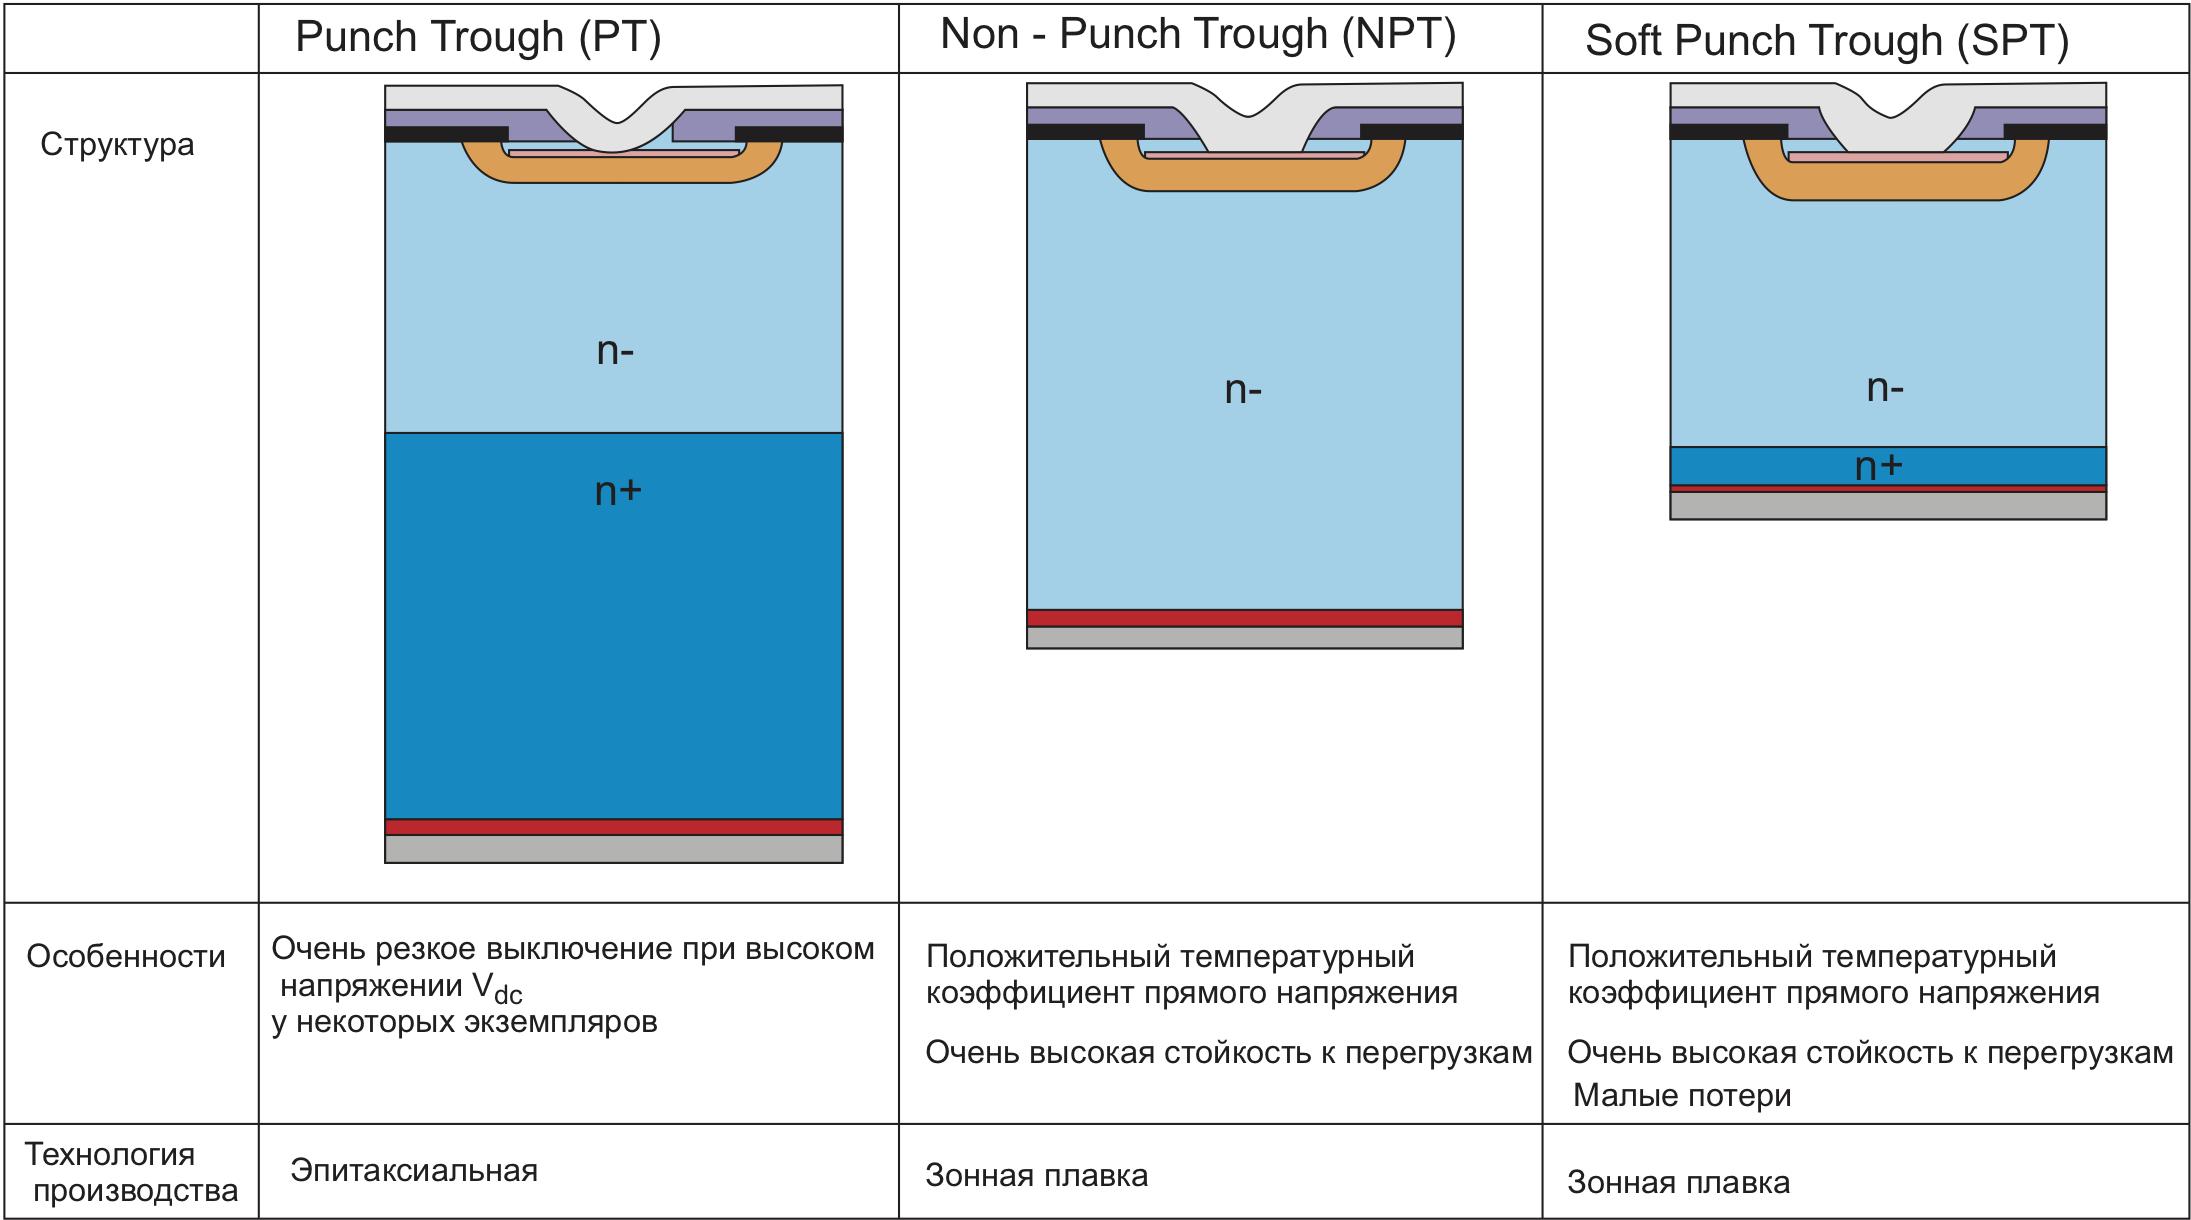 Сравнение структуры SPT с PT и NPT IGBT